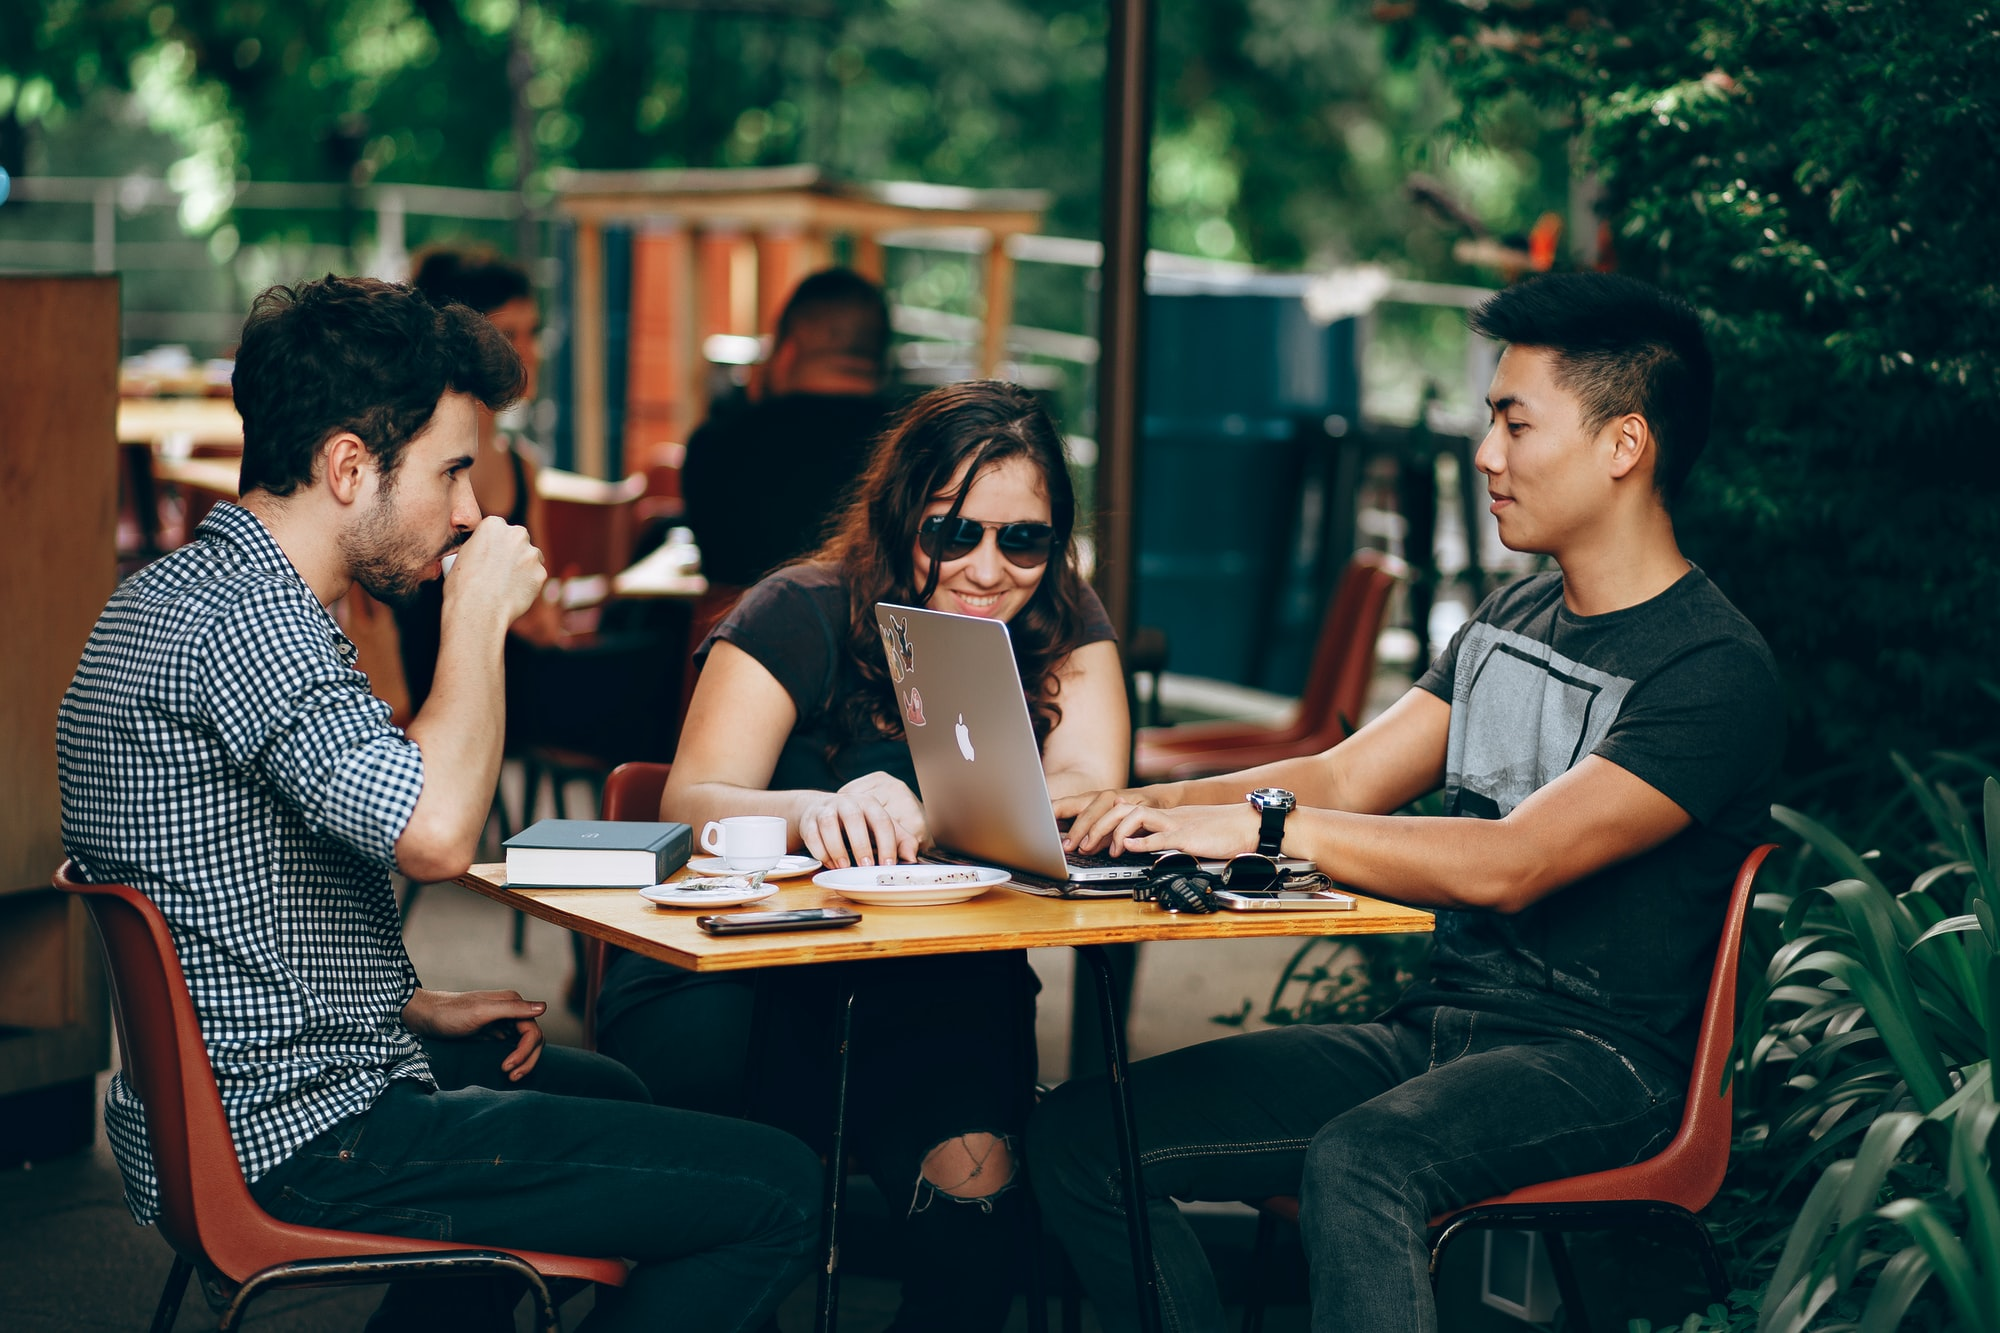 美國求職Networking才是王道? 從零到一交際技巧開箱中